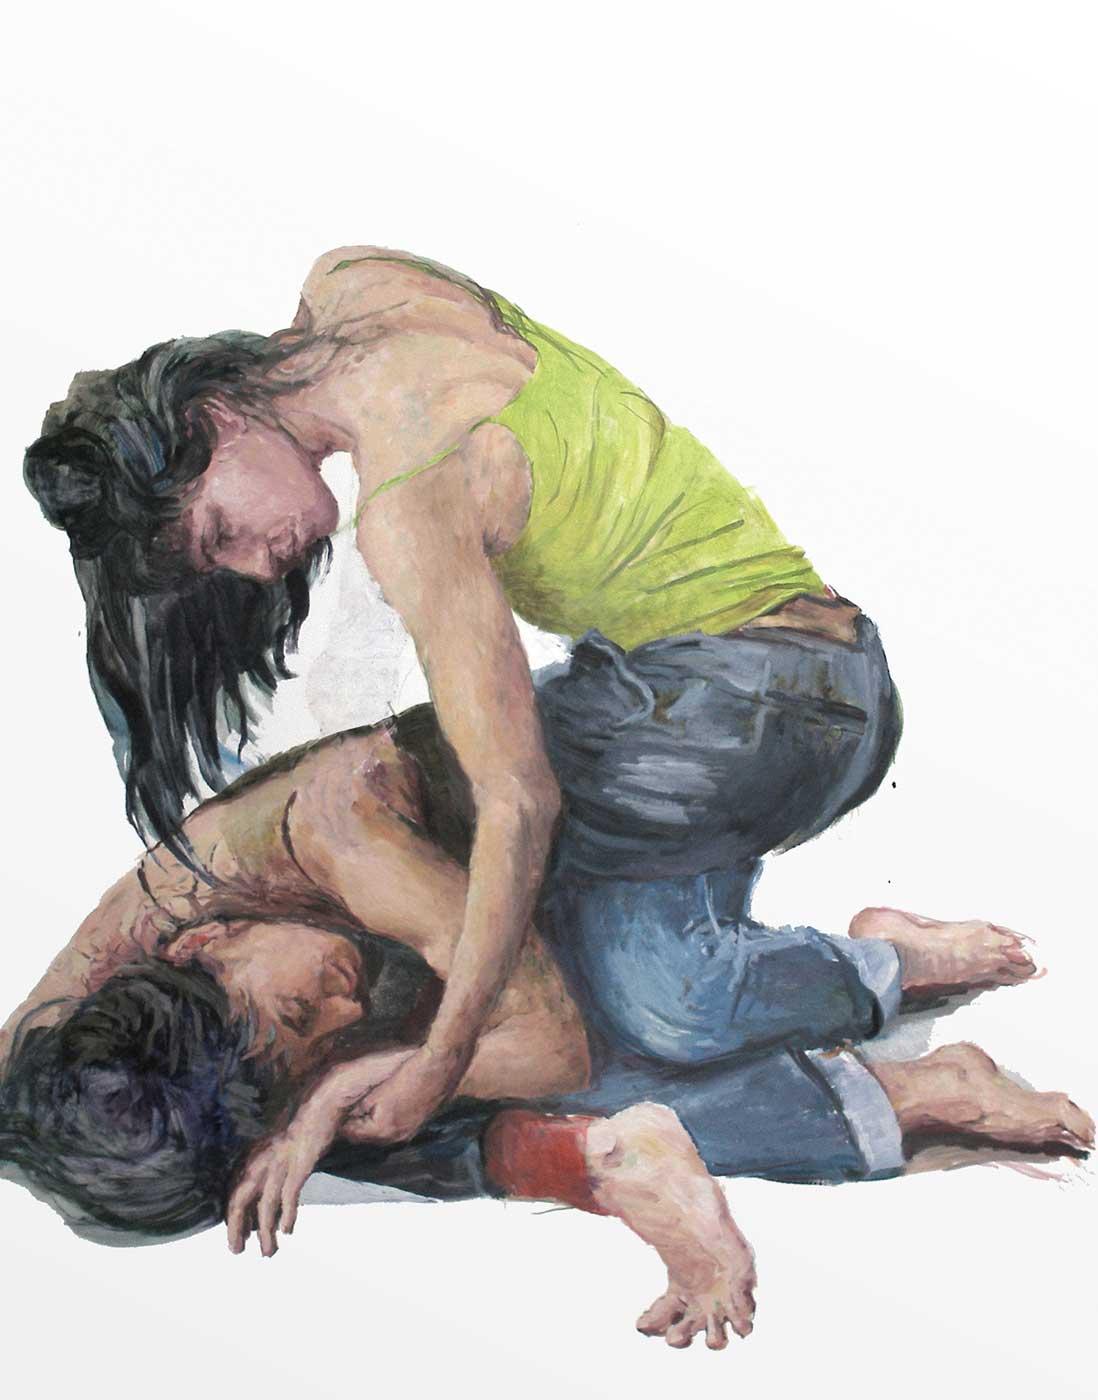 nach-Delacroix, 160 x 120cm Öl/Lwd. 2019